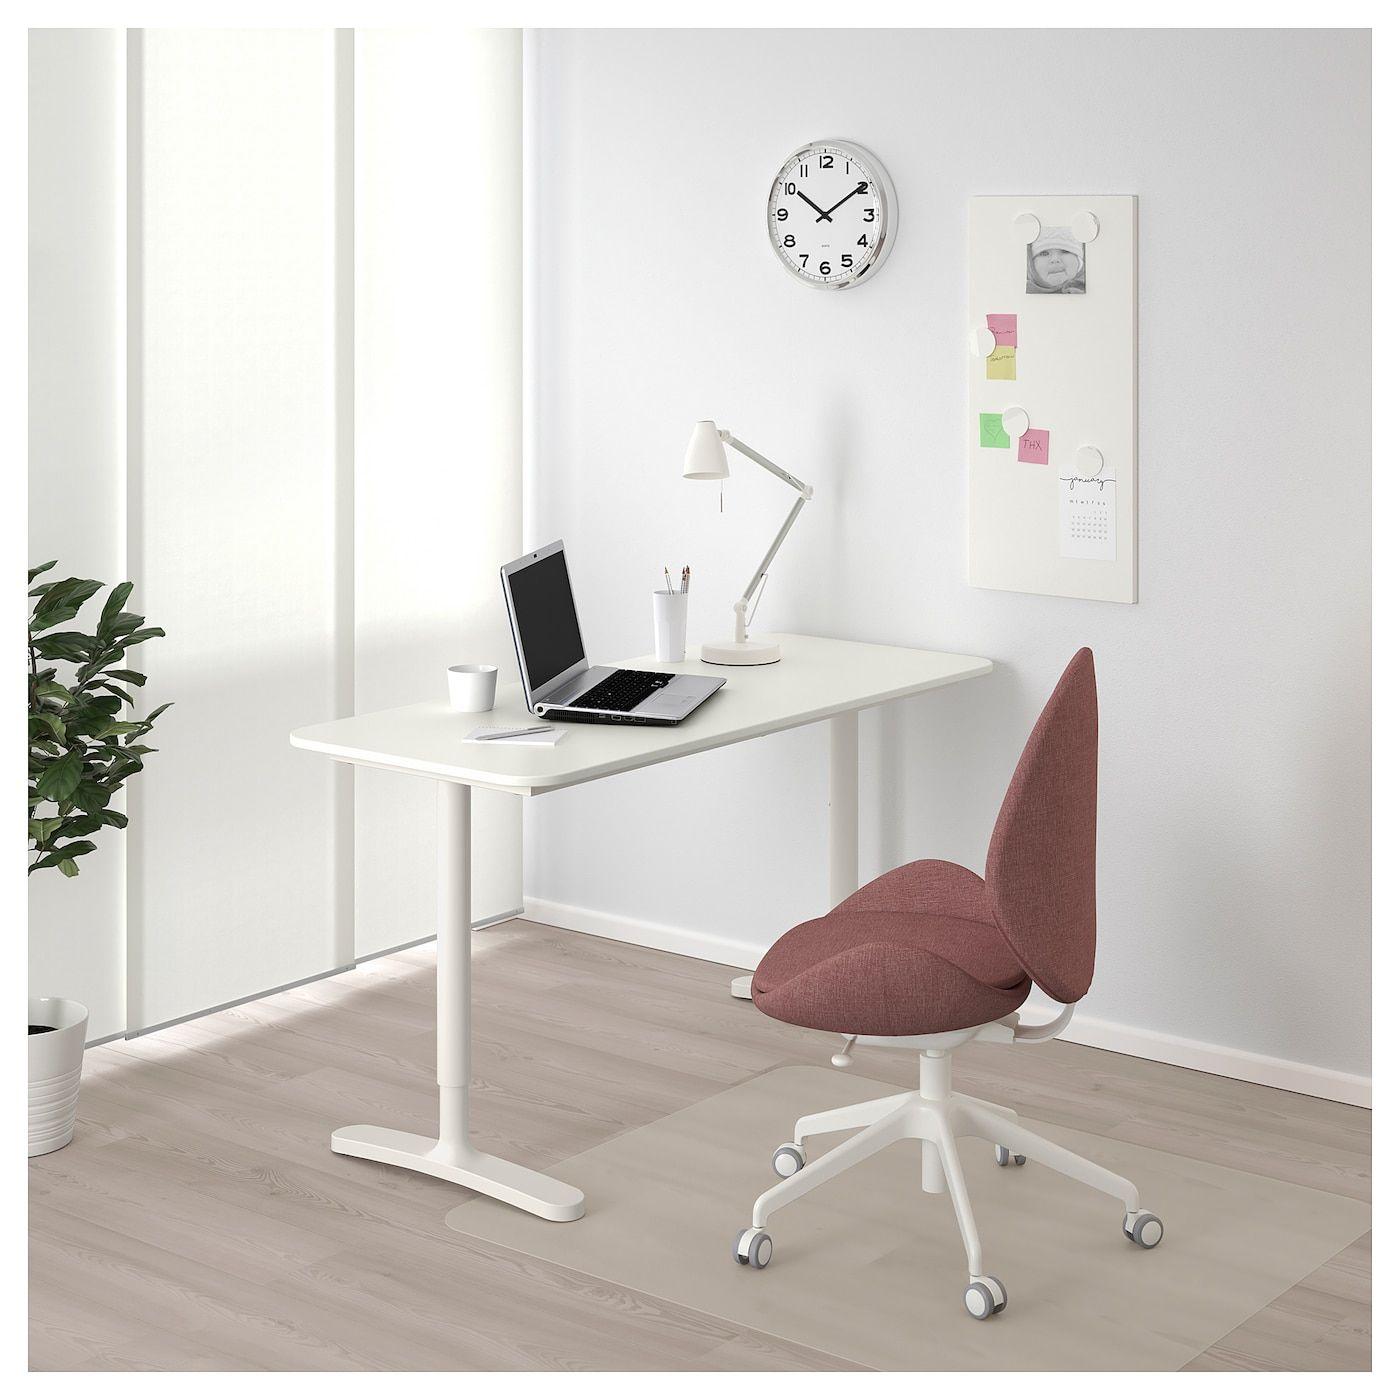 Bekant Biurko Bialy 140x60 Cm Kupuj Dzisiaj Ikea Schreibtisch Weiss Schreibtisch Ikea